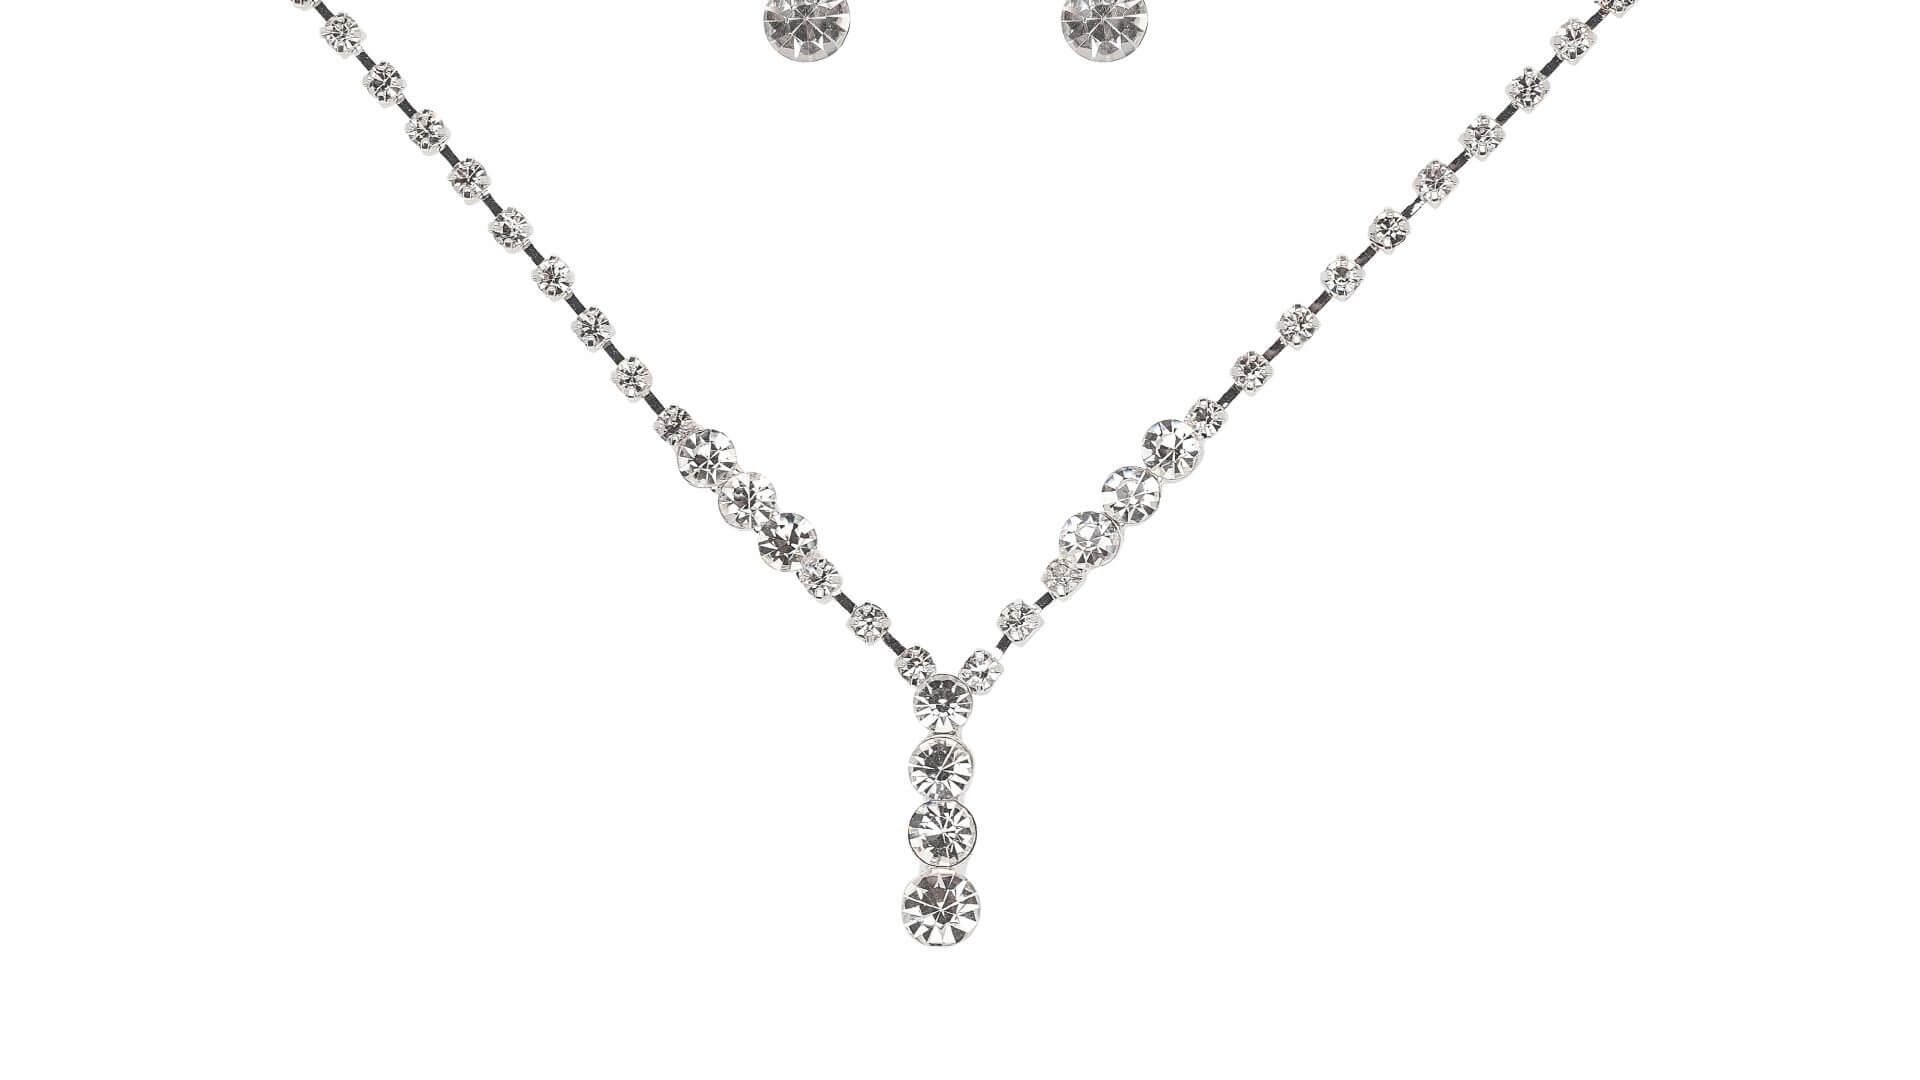 Brautschmuckset mit Halskette und Ohrringe 5587